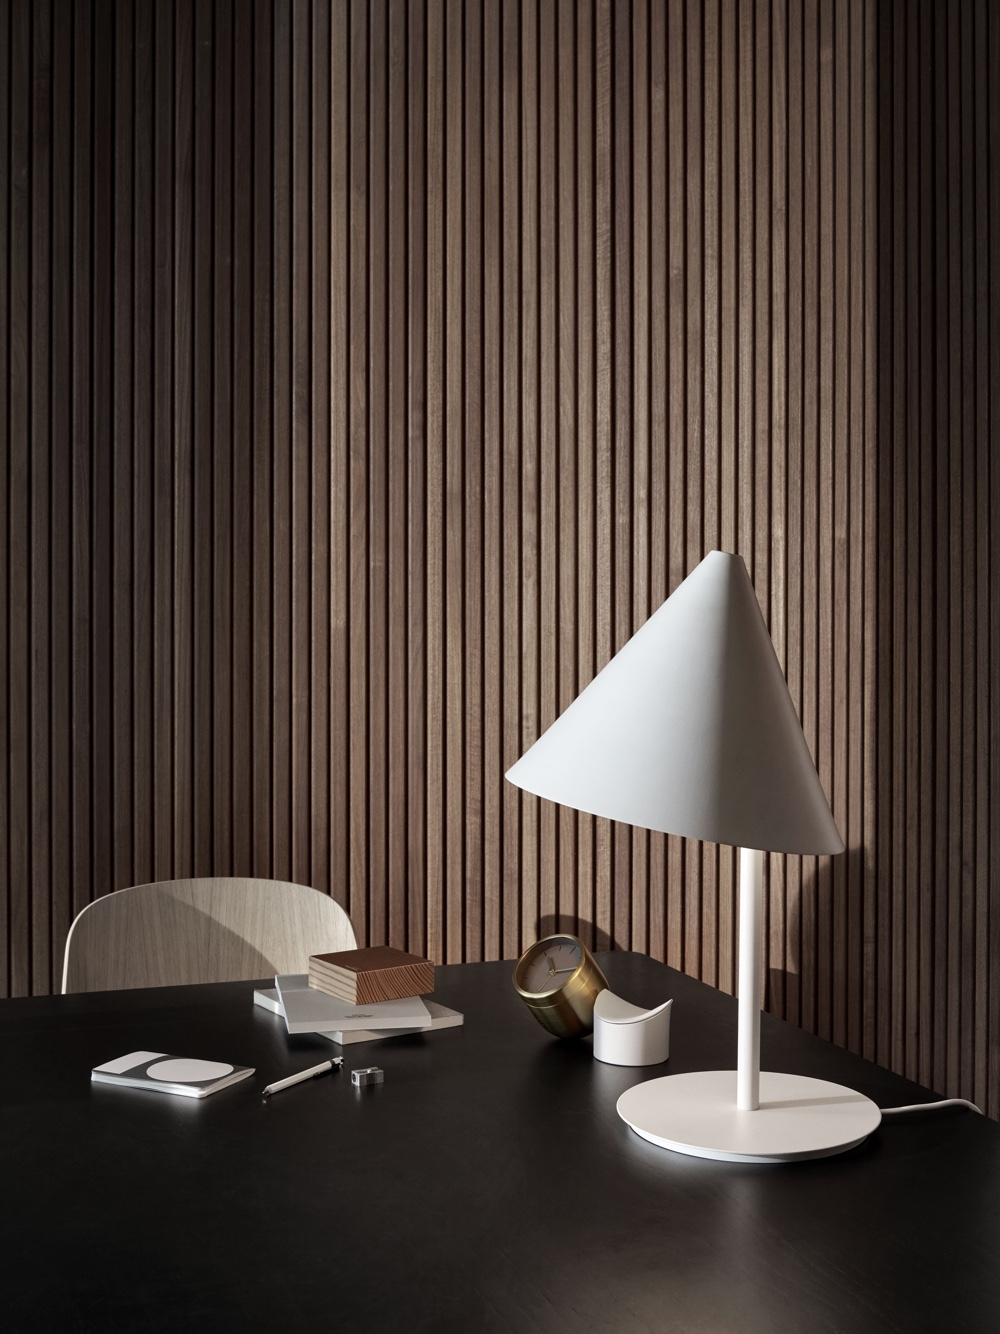 Conic Table Lamp by Thomas Bentzen